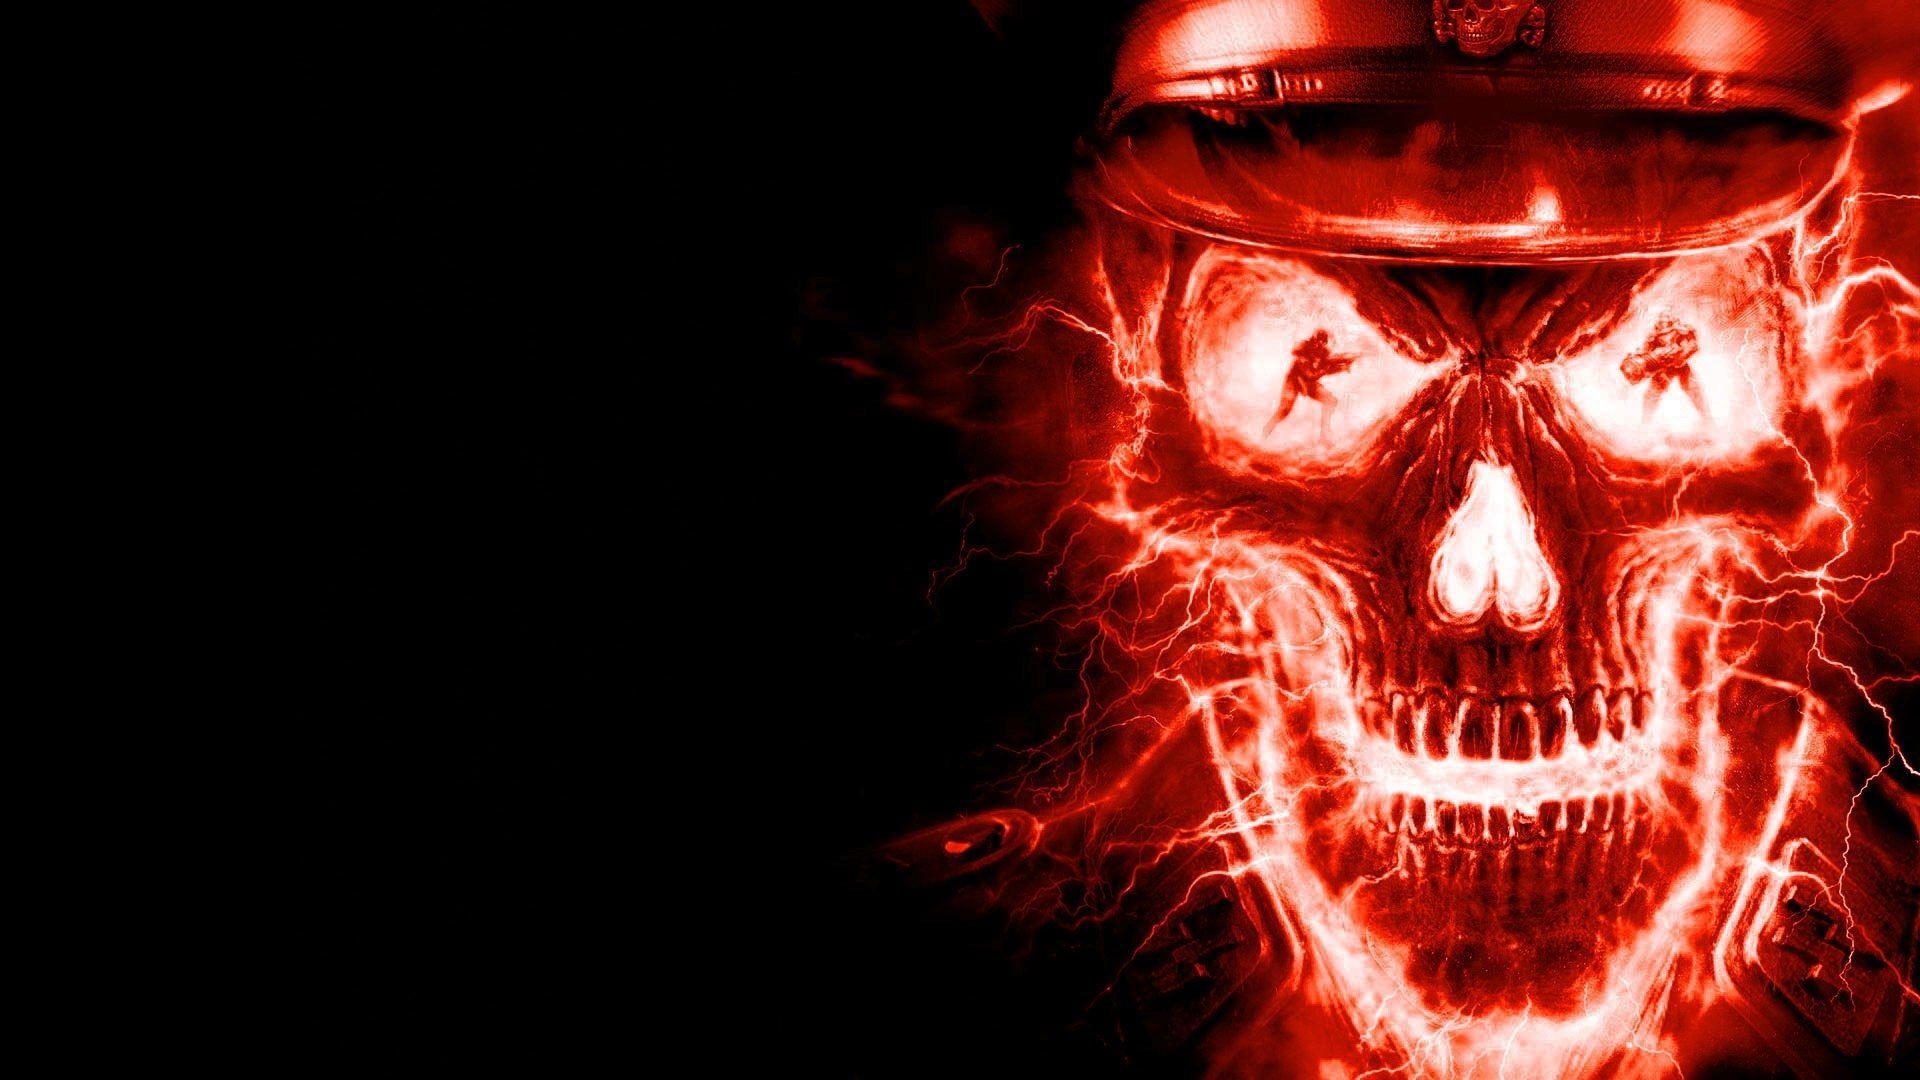 Skull Desktop Wallpaper